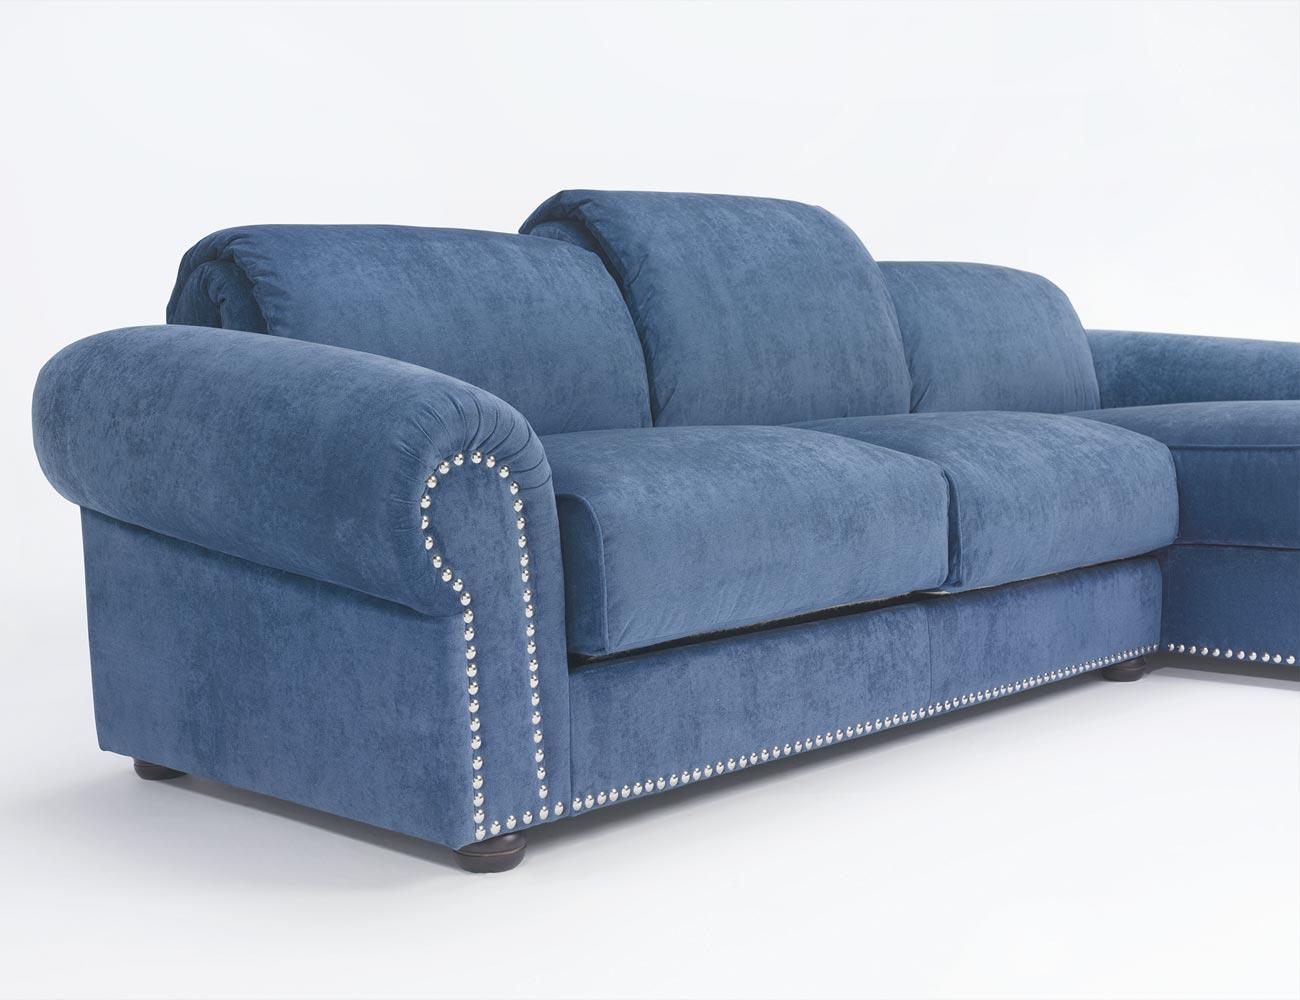 Sofa chaiselongue gran lujo decorativo azul 120